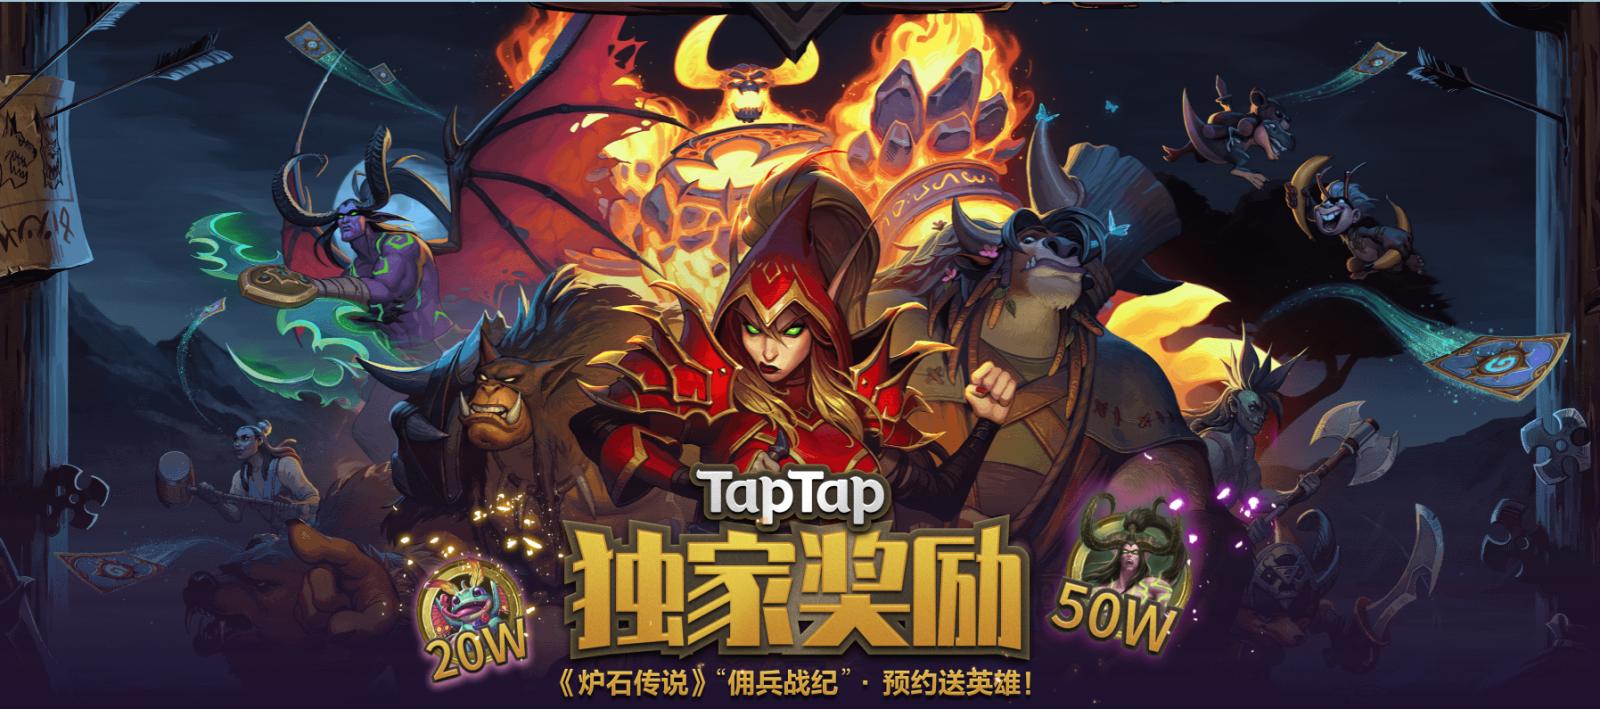 """抢先体验:《炉石传说》""""佣兵战纪""""模式将于明日凌晨1时登录TapTap"""